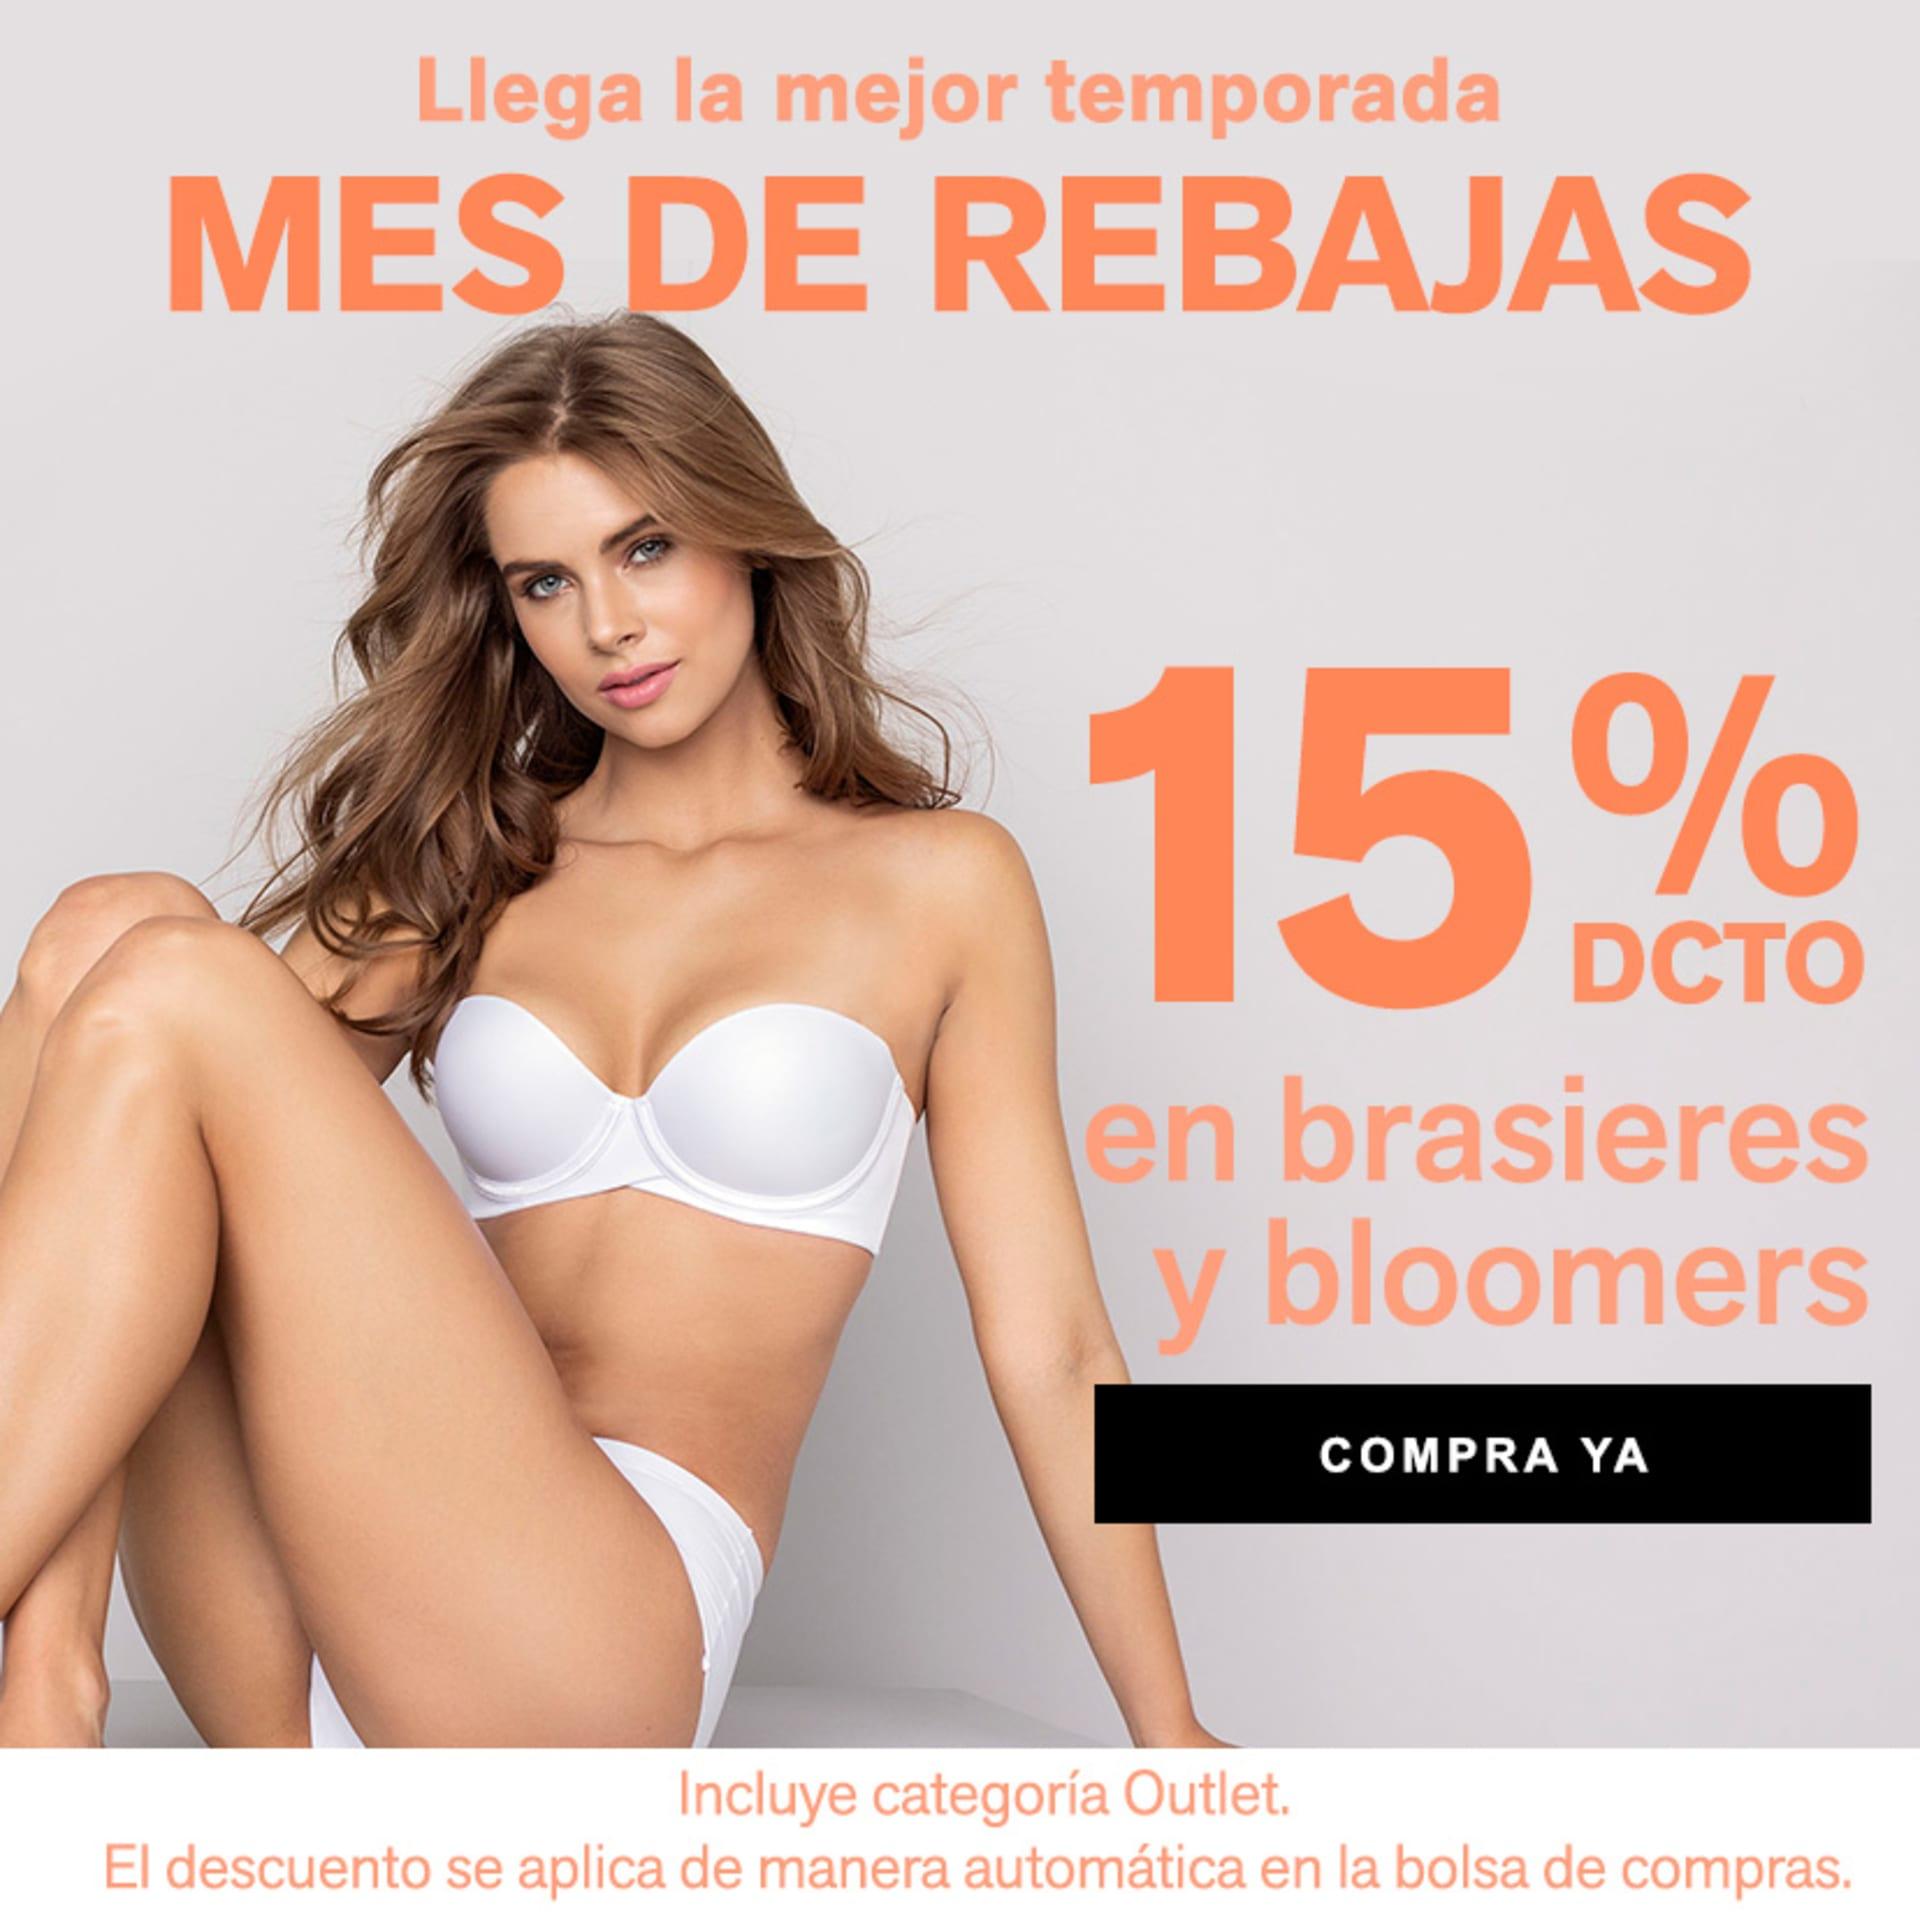 15% DCTO en brasieres y bloomers